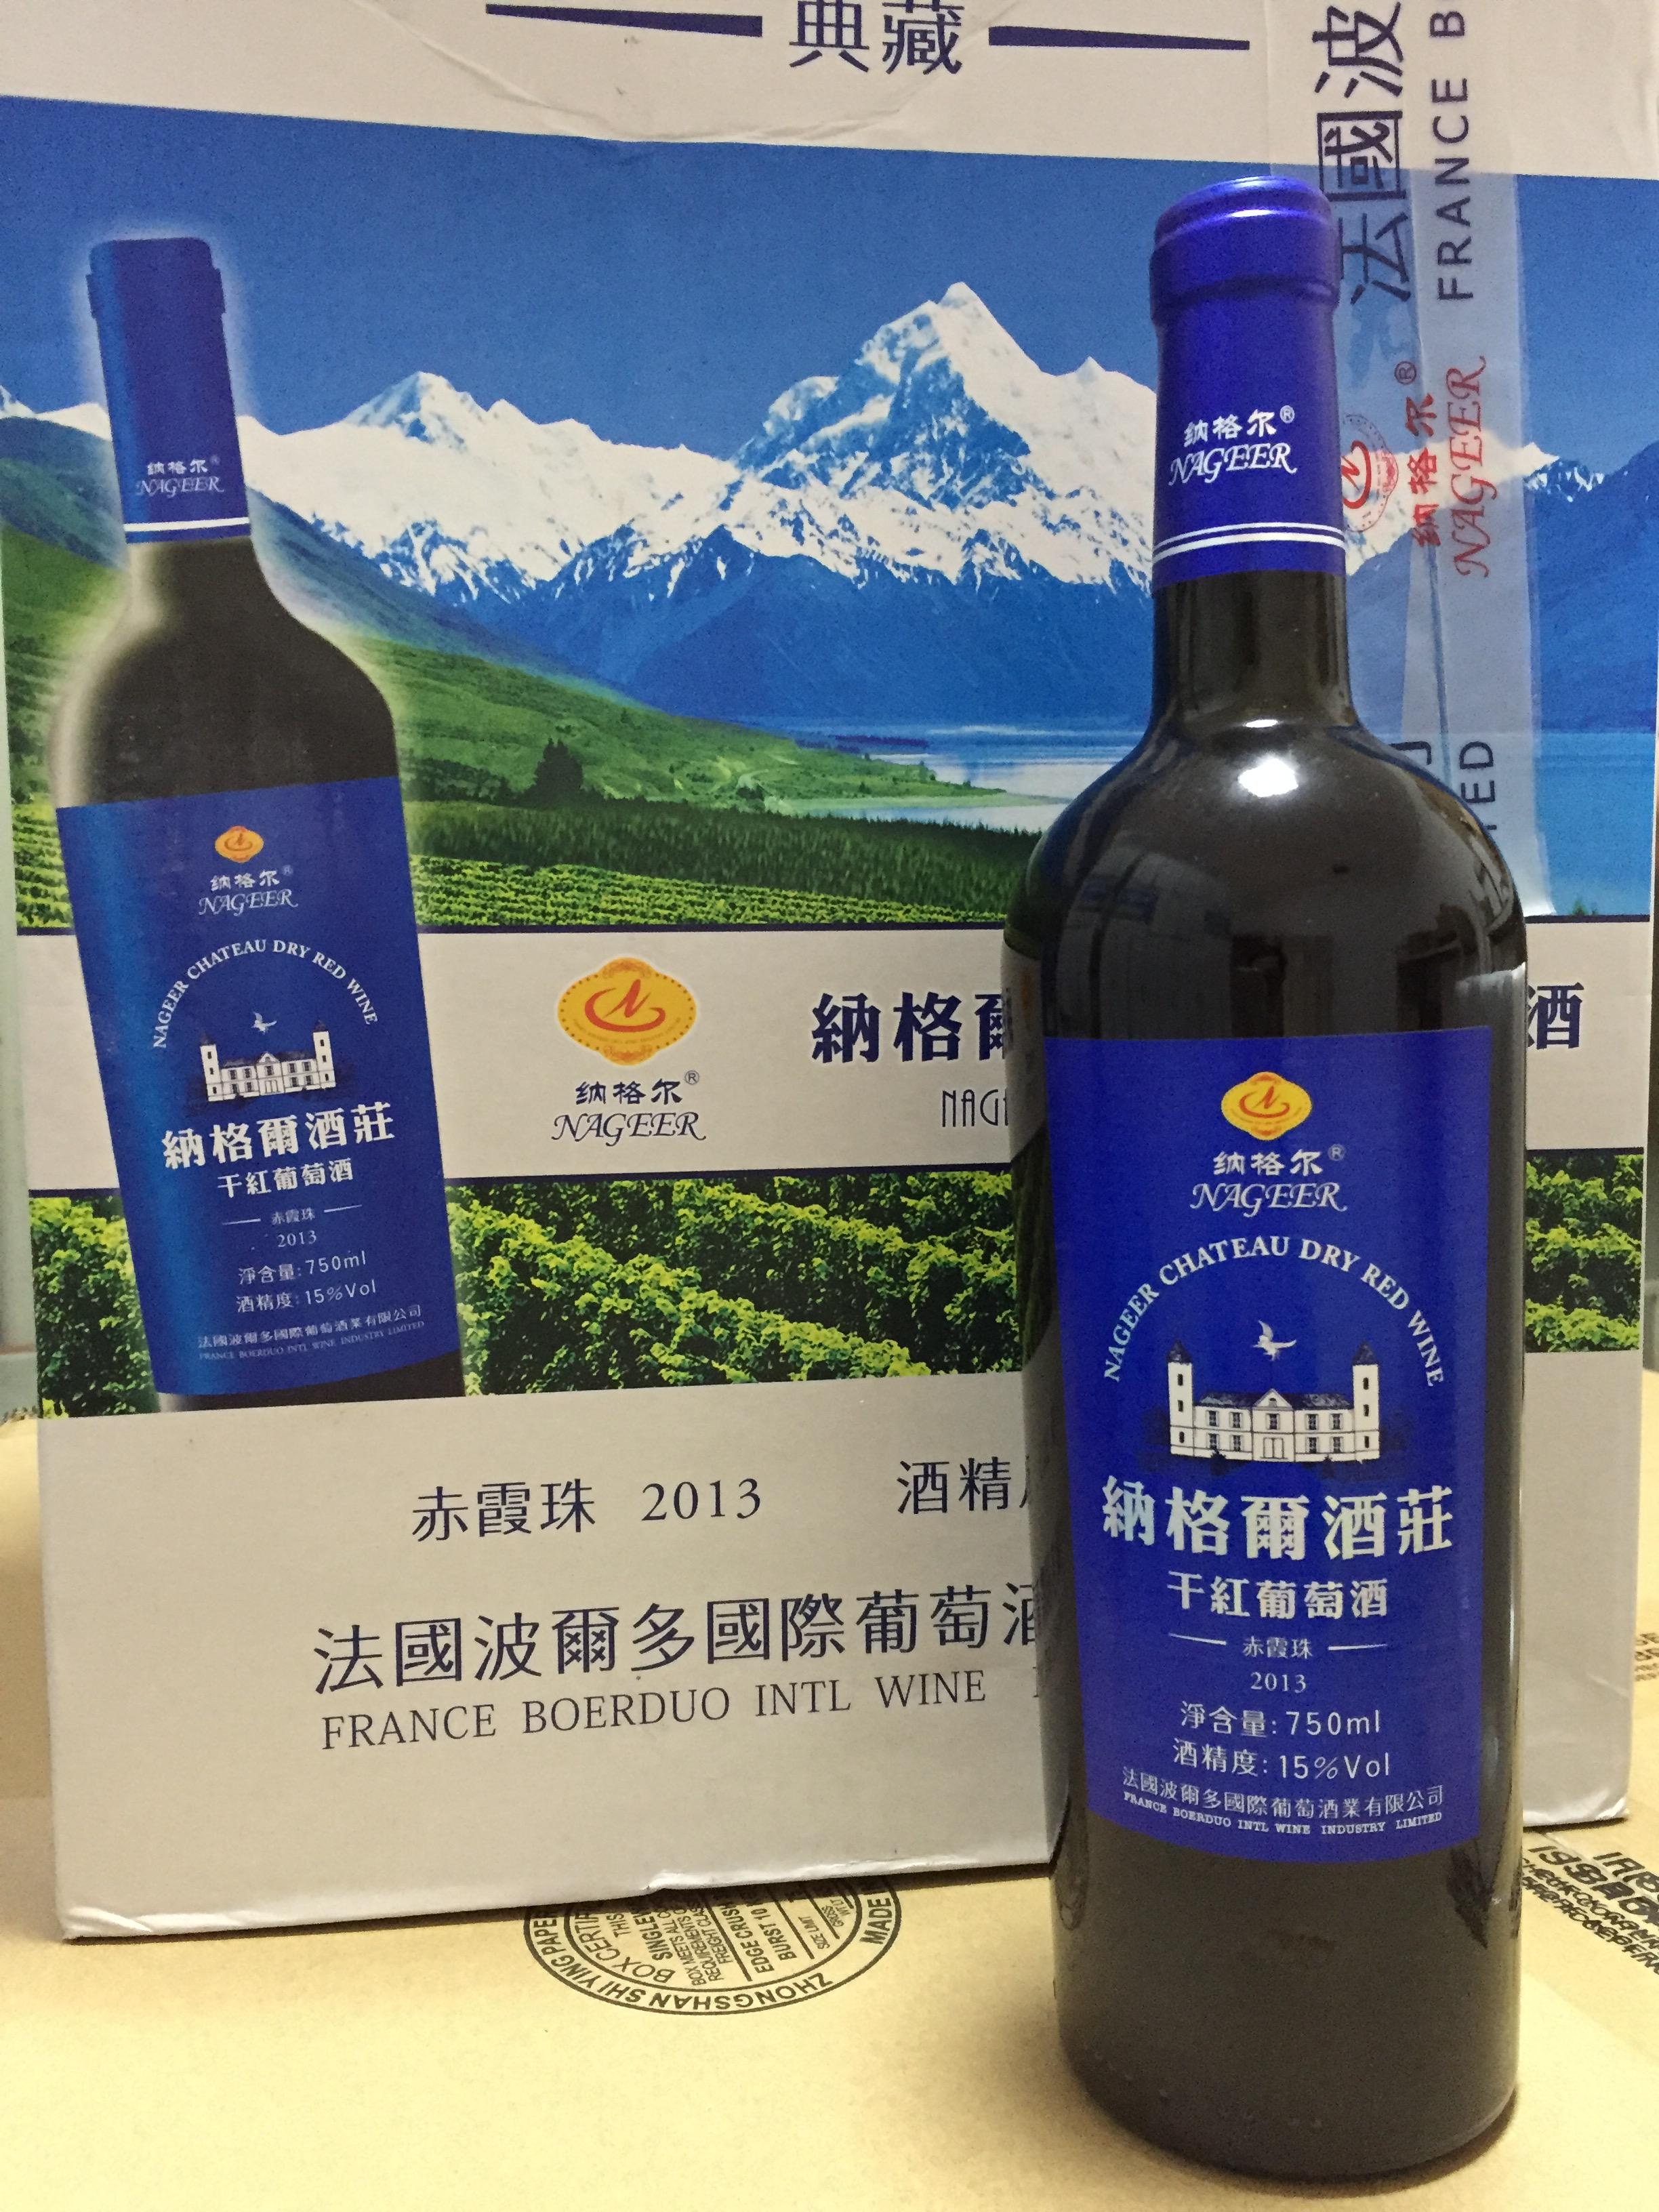 纳格尔干红葡萄酒